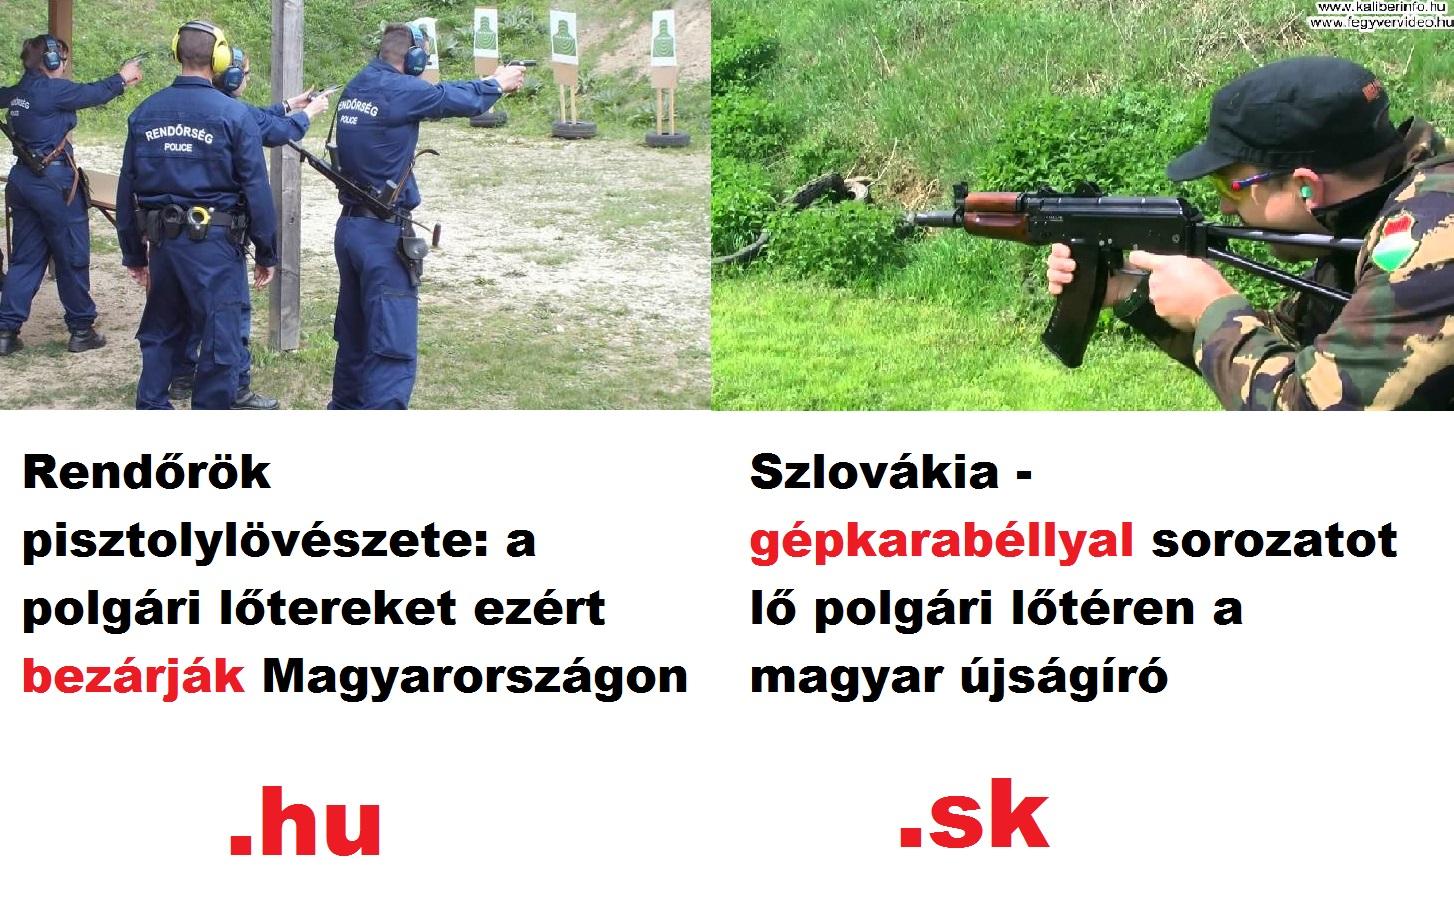 Magyarország vs. Szlovákia